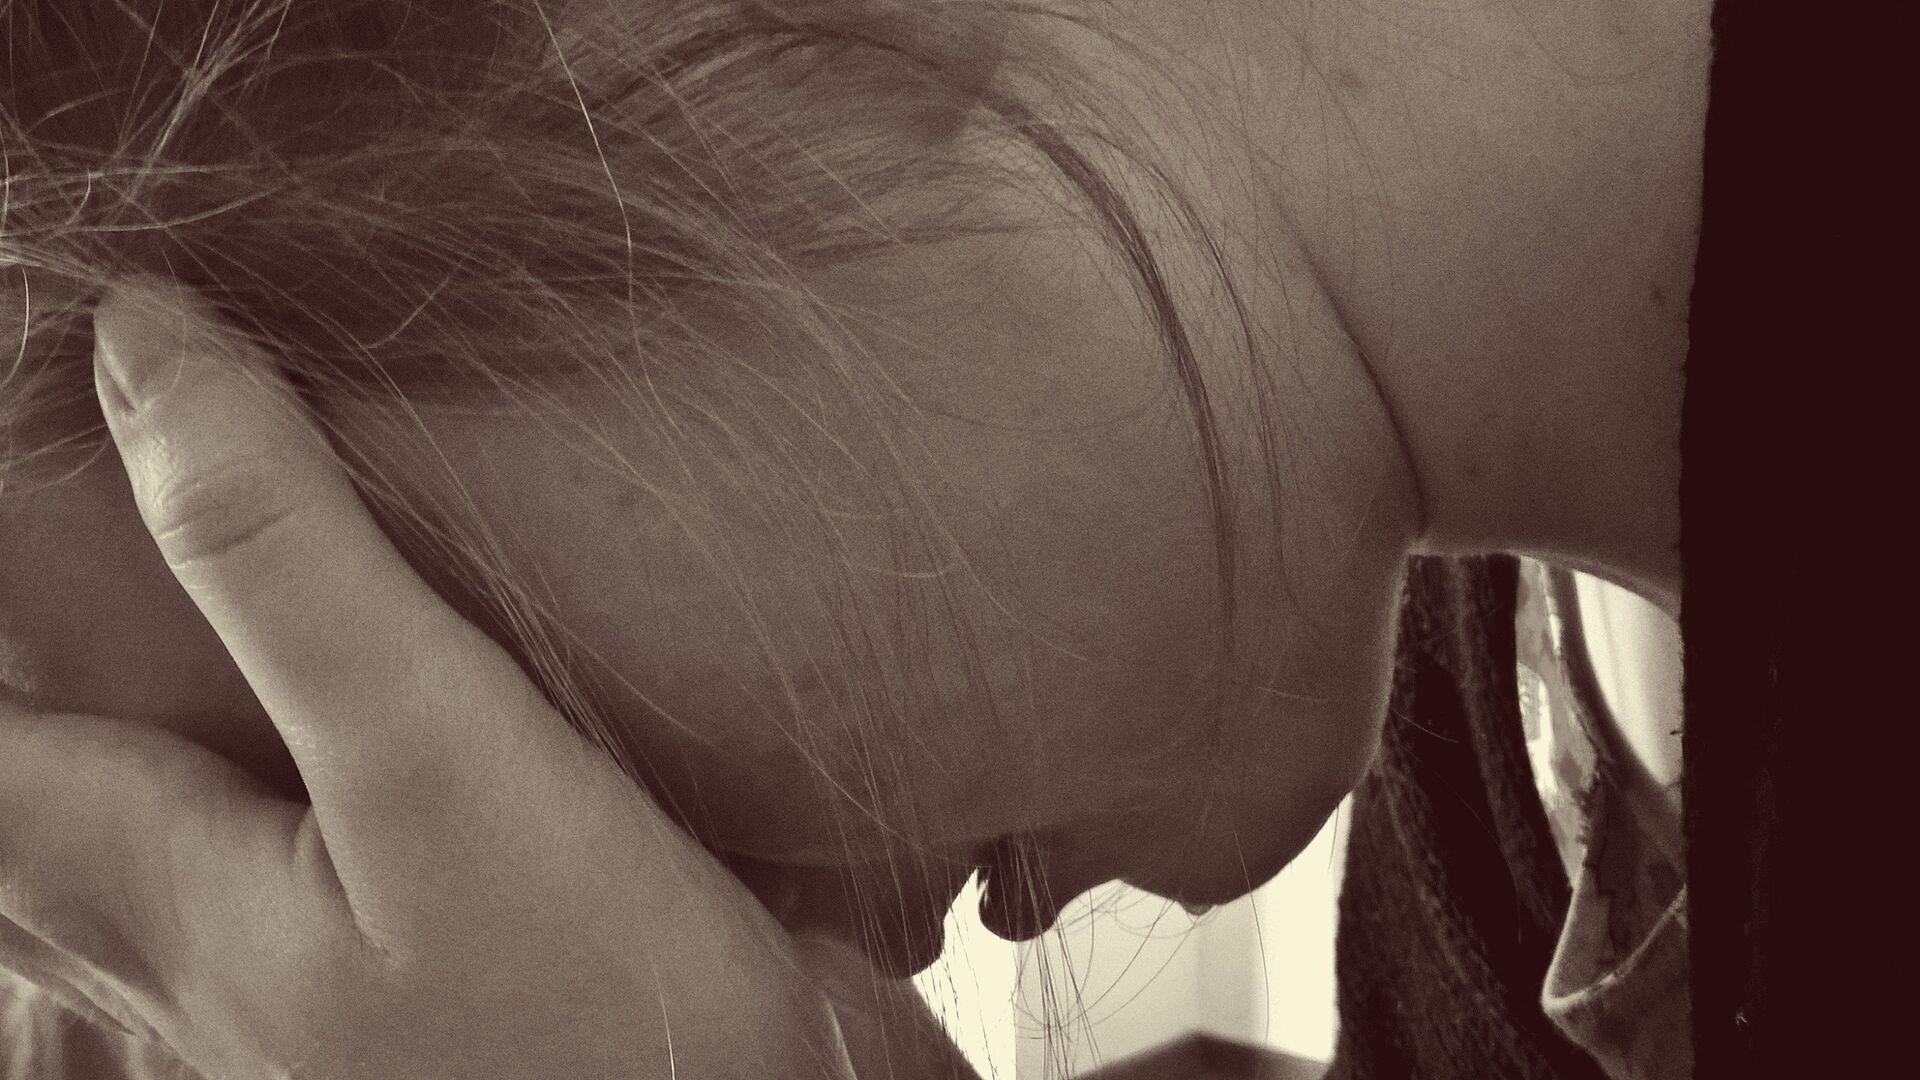 Una mujer llorando - Sputnik Mundo, 1920, 05.03.2021